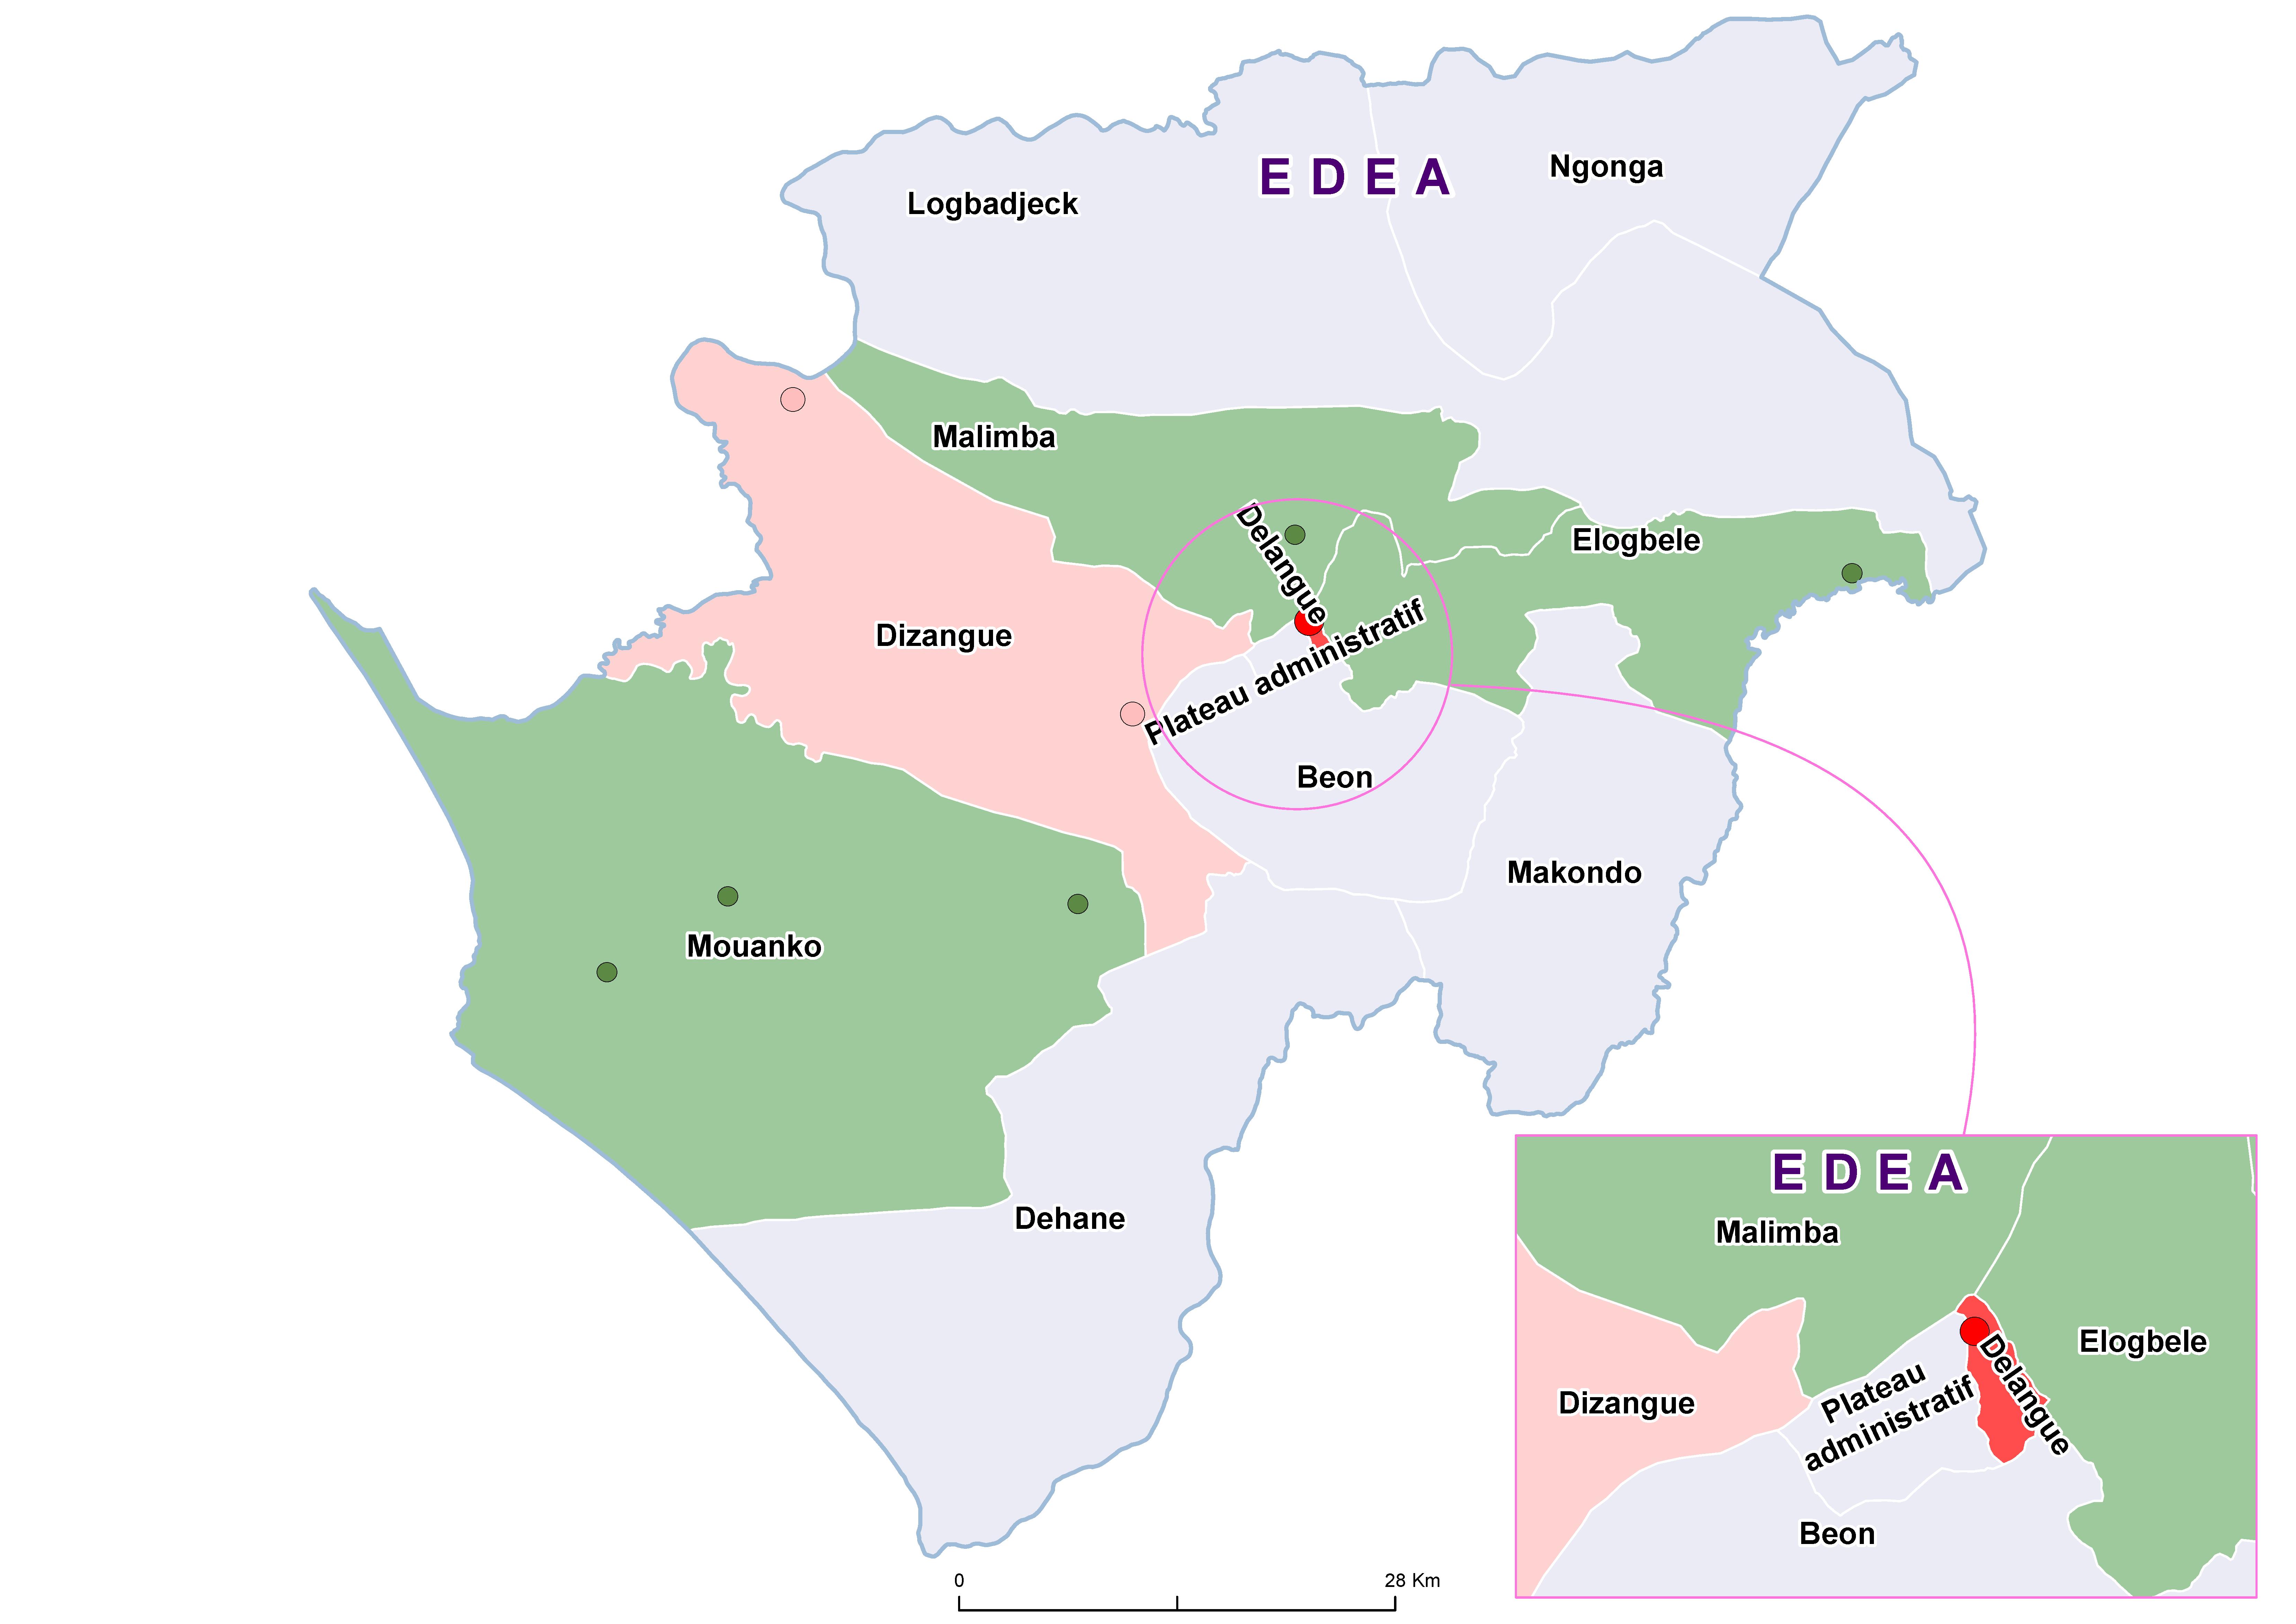 Edea SCH 19850001